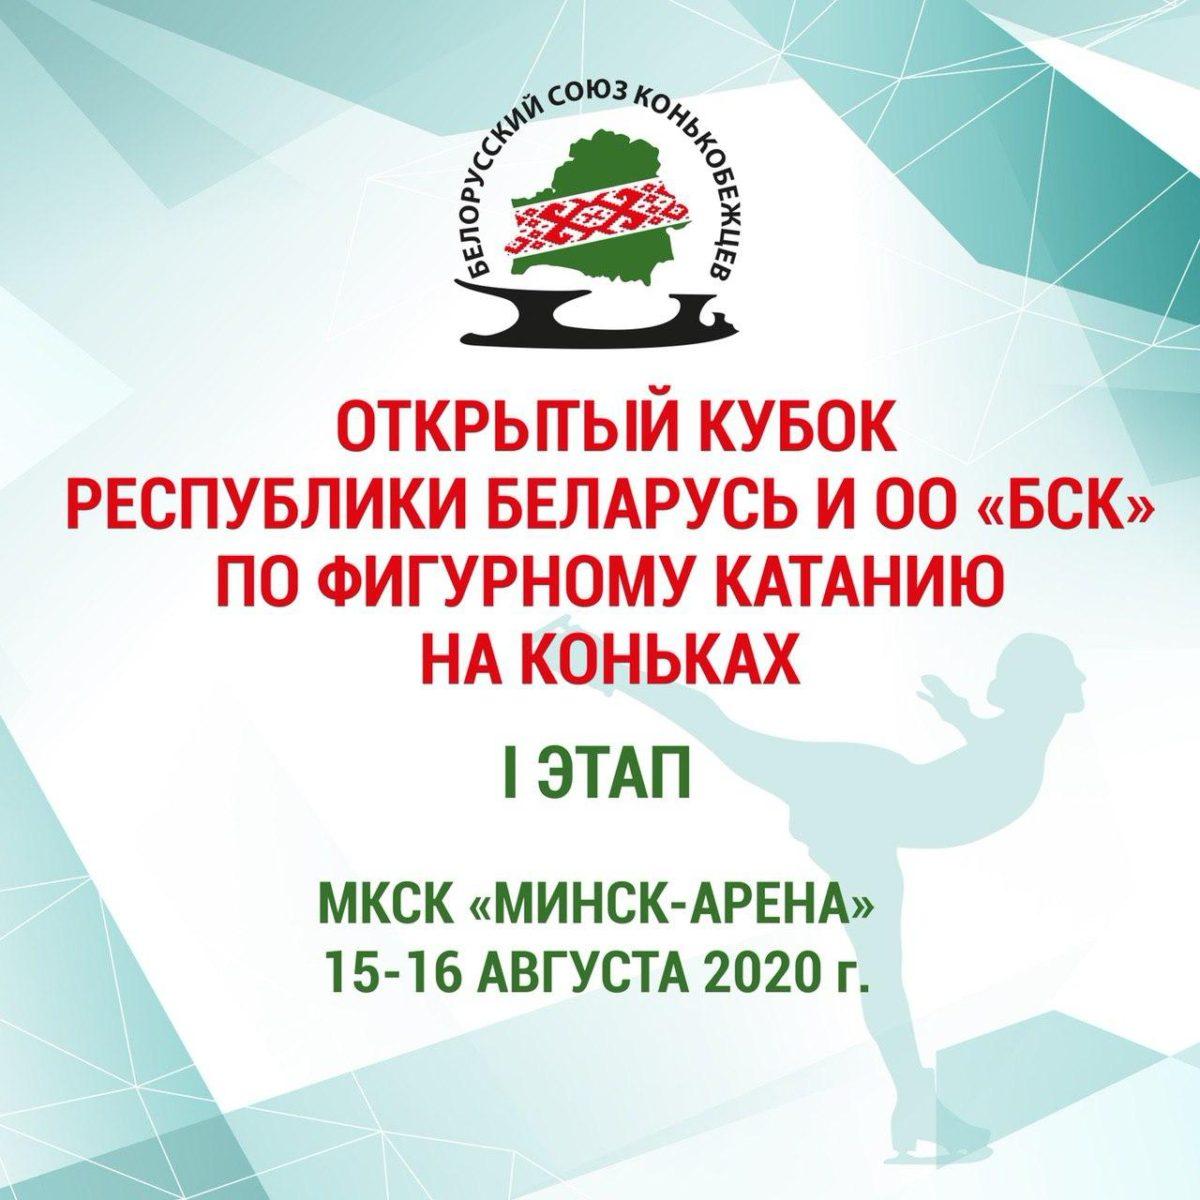 Открытый Кубок Республики Беларусь и ОО «БСК» по фигурному катанию на коньках (I этап)